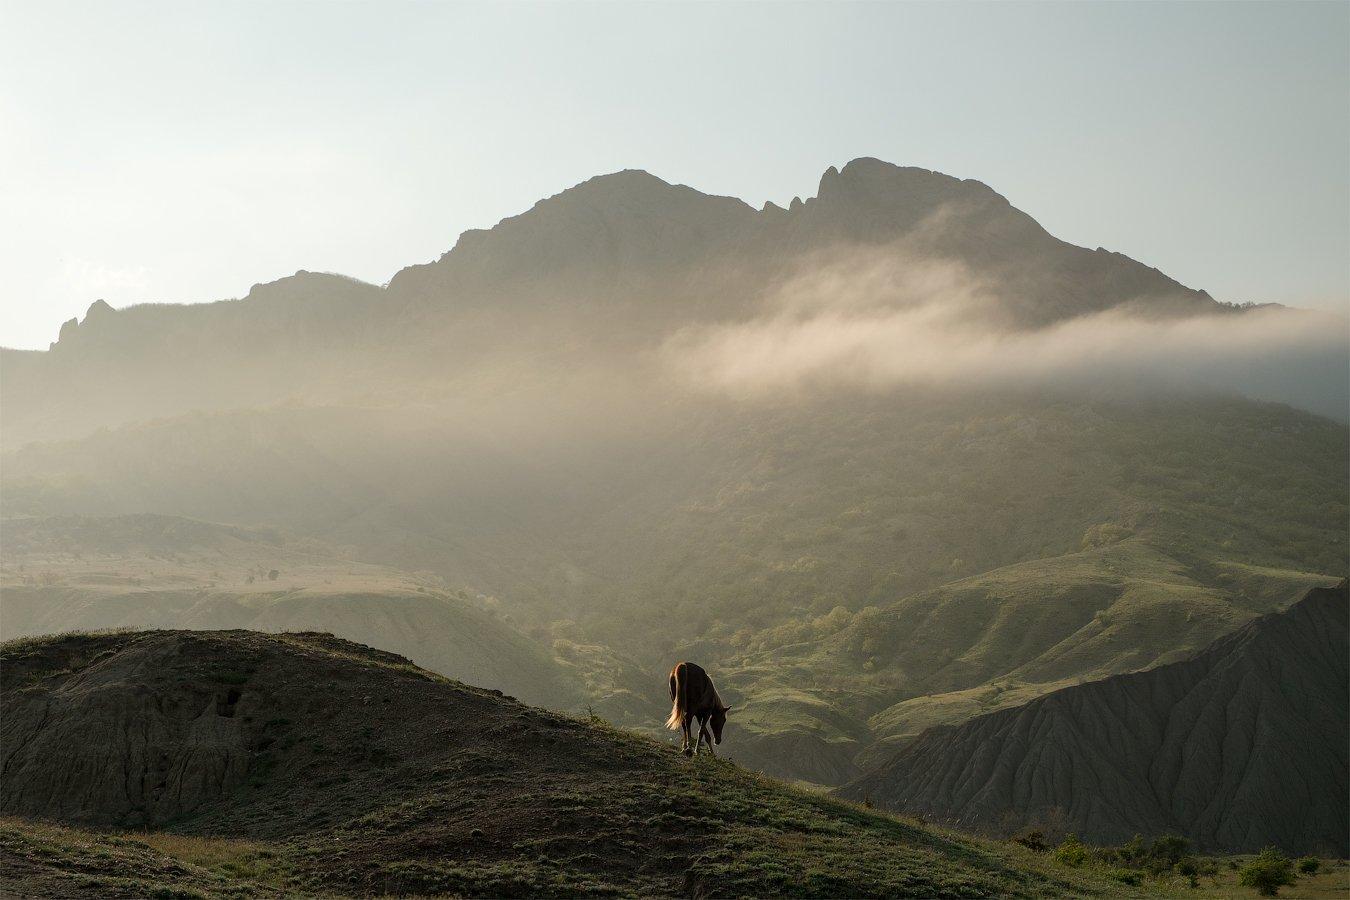 Апрель 2015, Крым, Лисья бухта, Туман, Олег Логунов